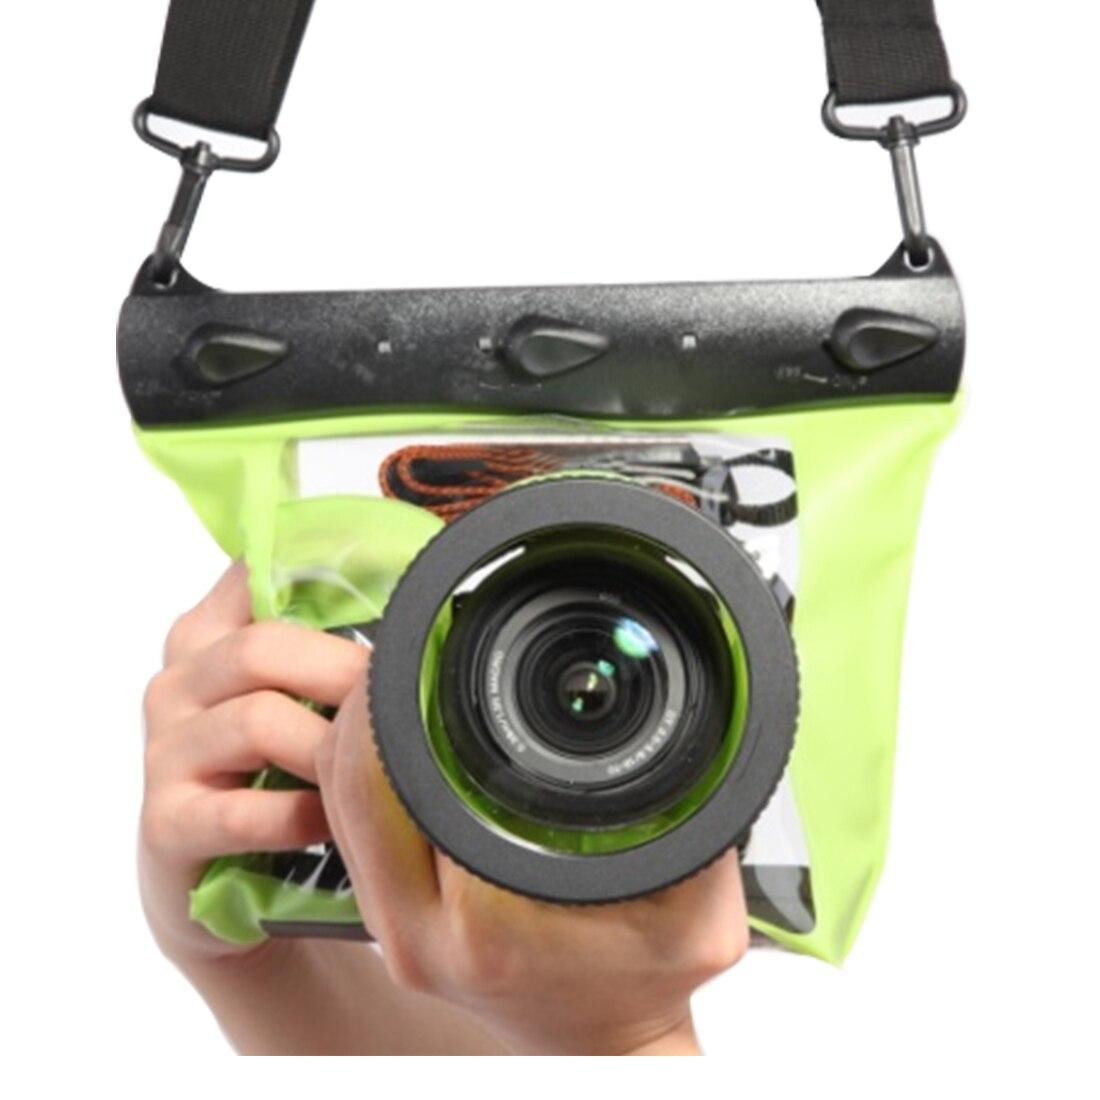 Centechia Camera Waterproof Bag Advanced Diving Swimming Bag Underwater Diving Camera Bag